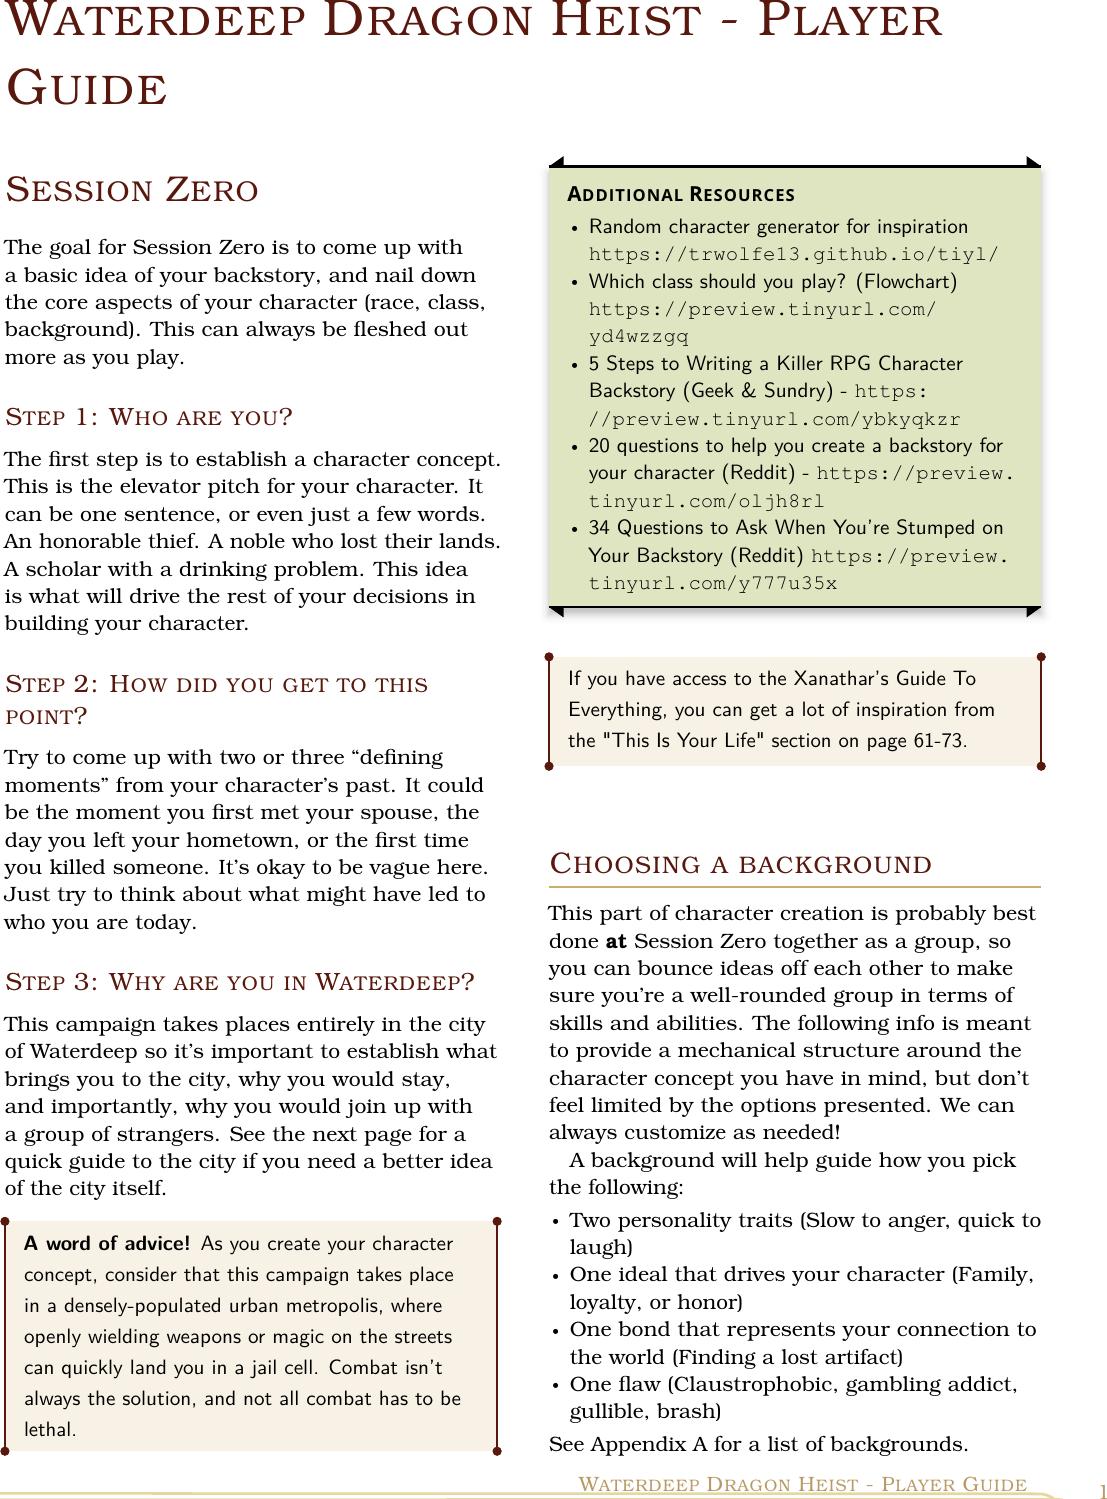 Waterdeep Dragon Heist Player Guide